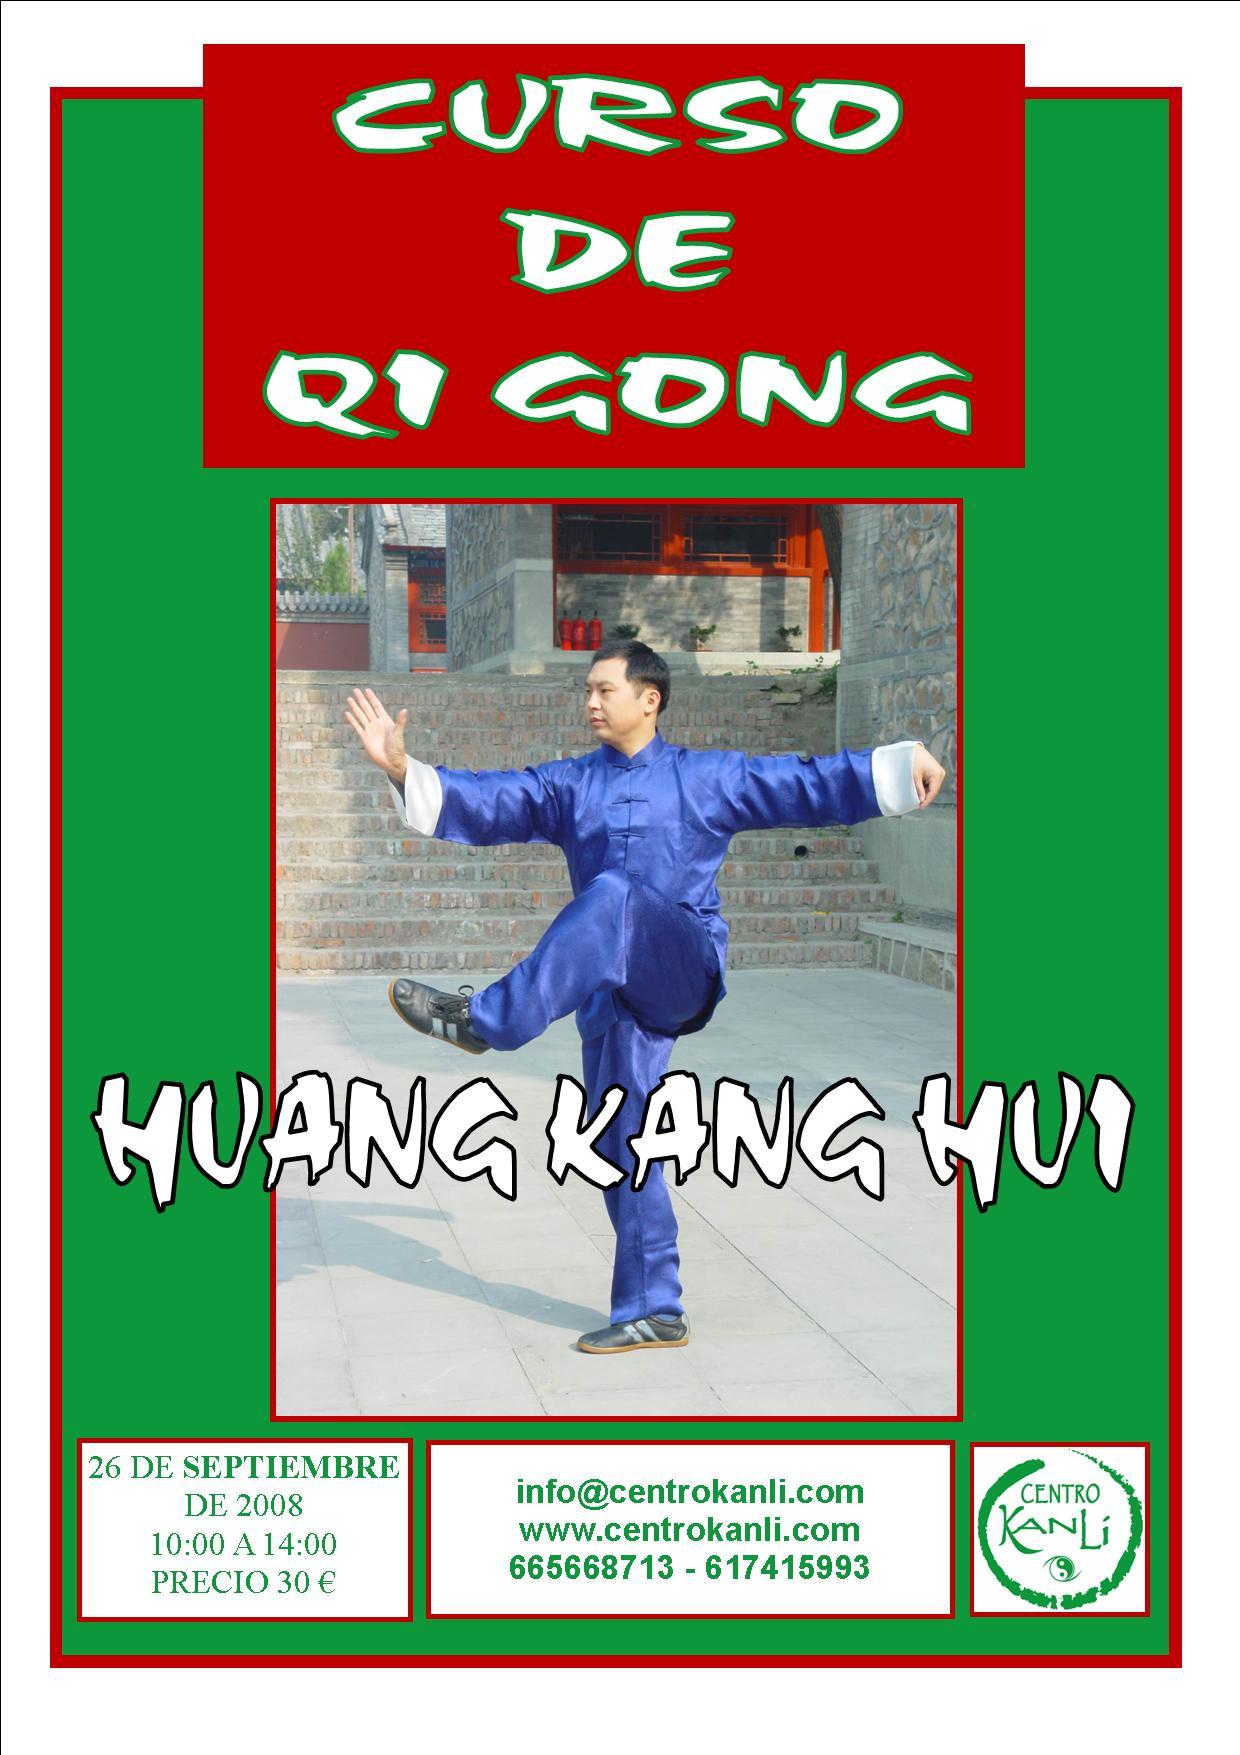 Curso de Qigong Chen